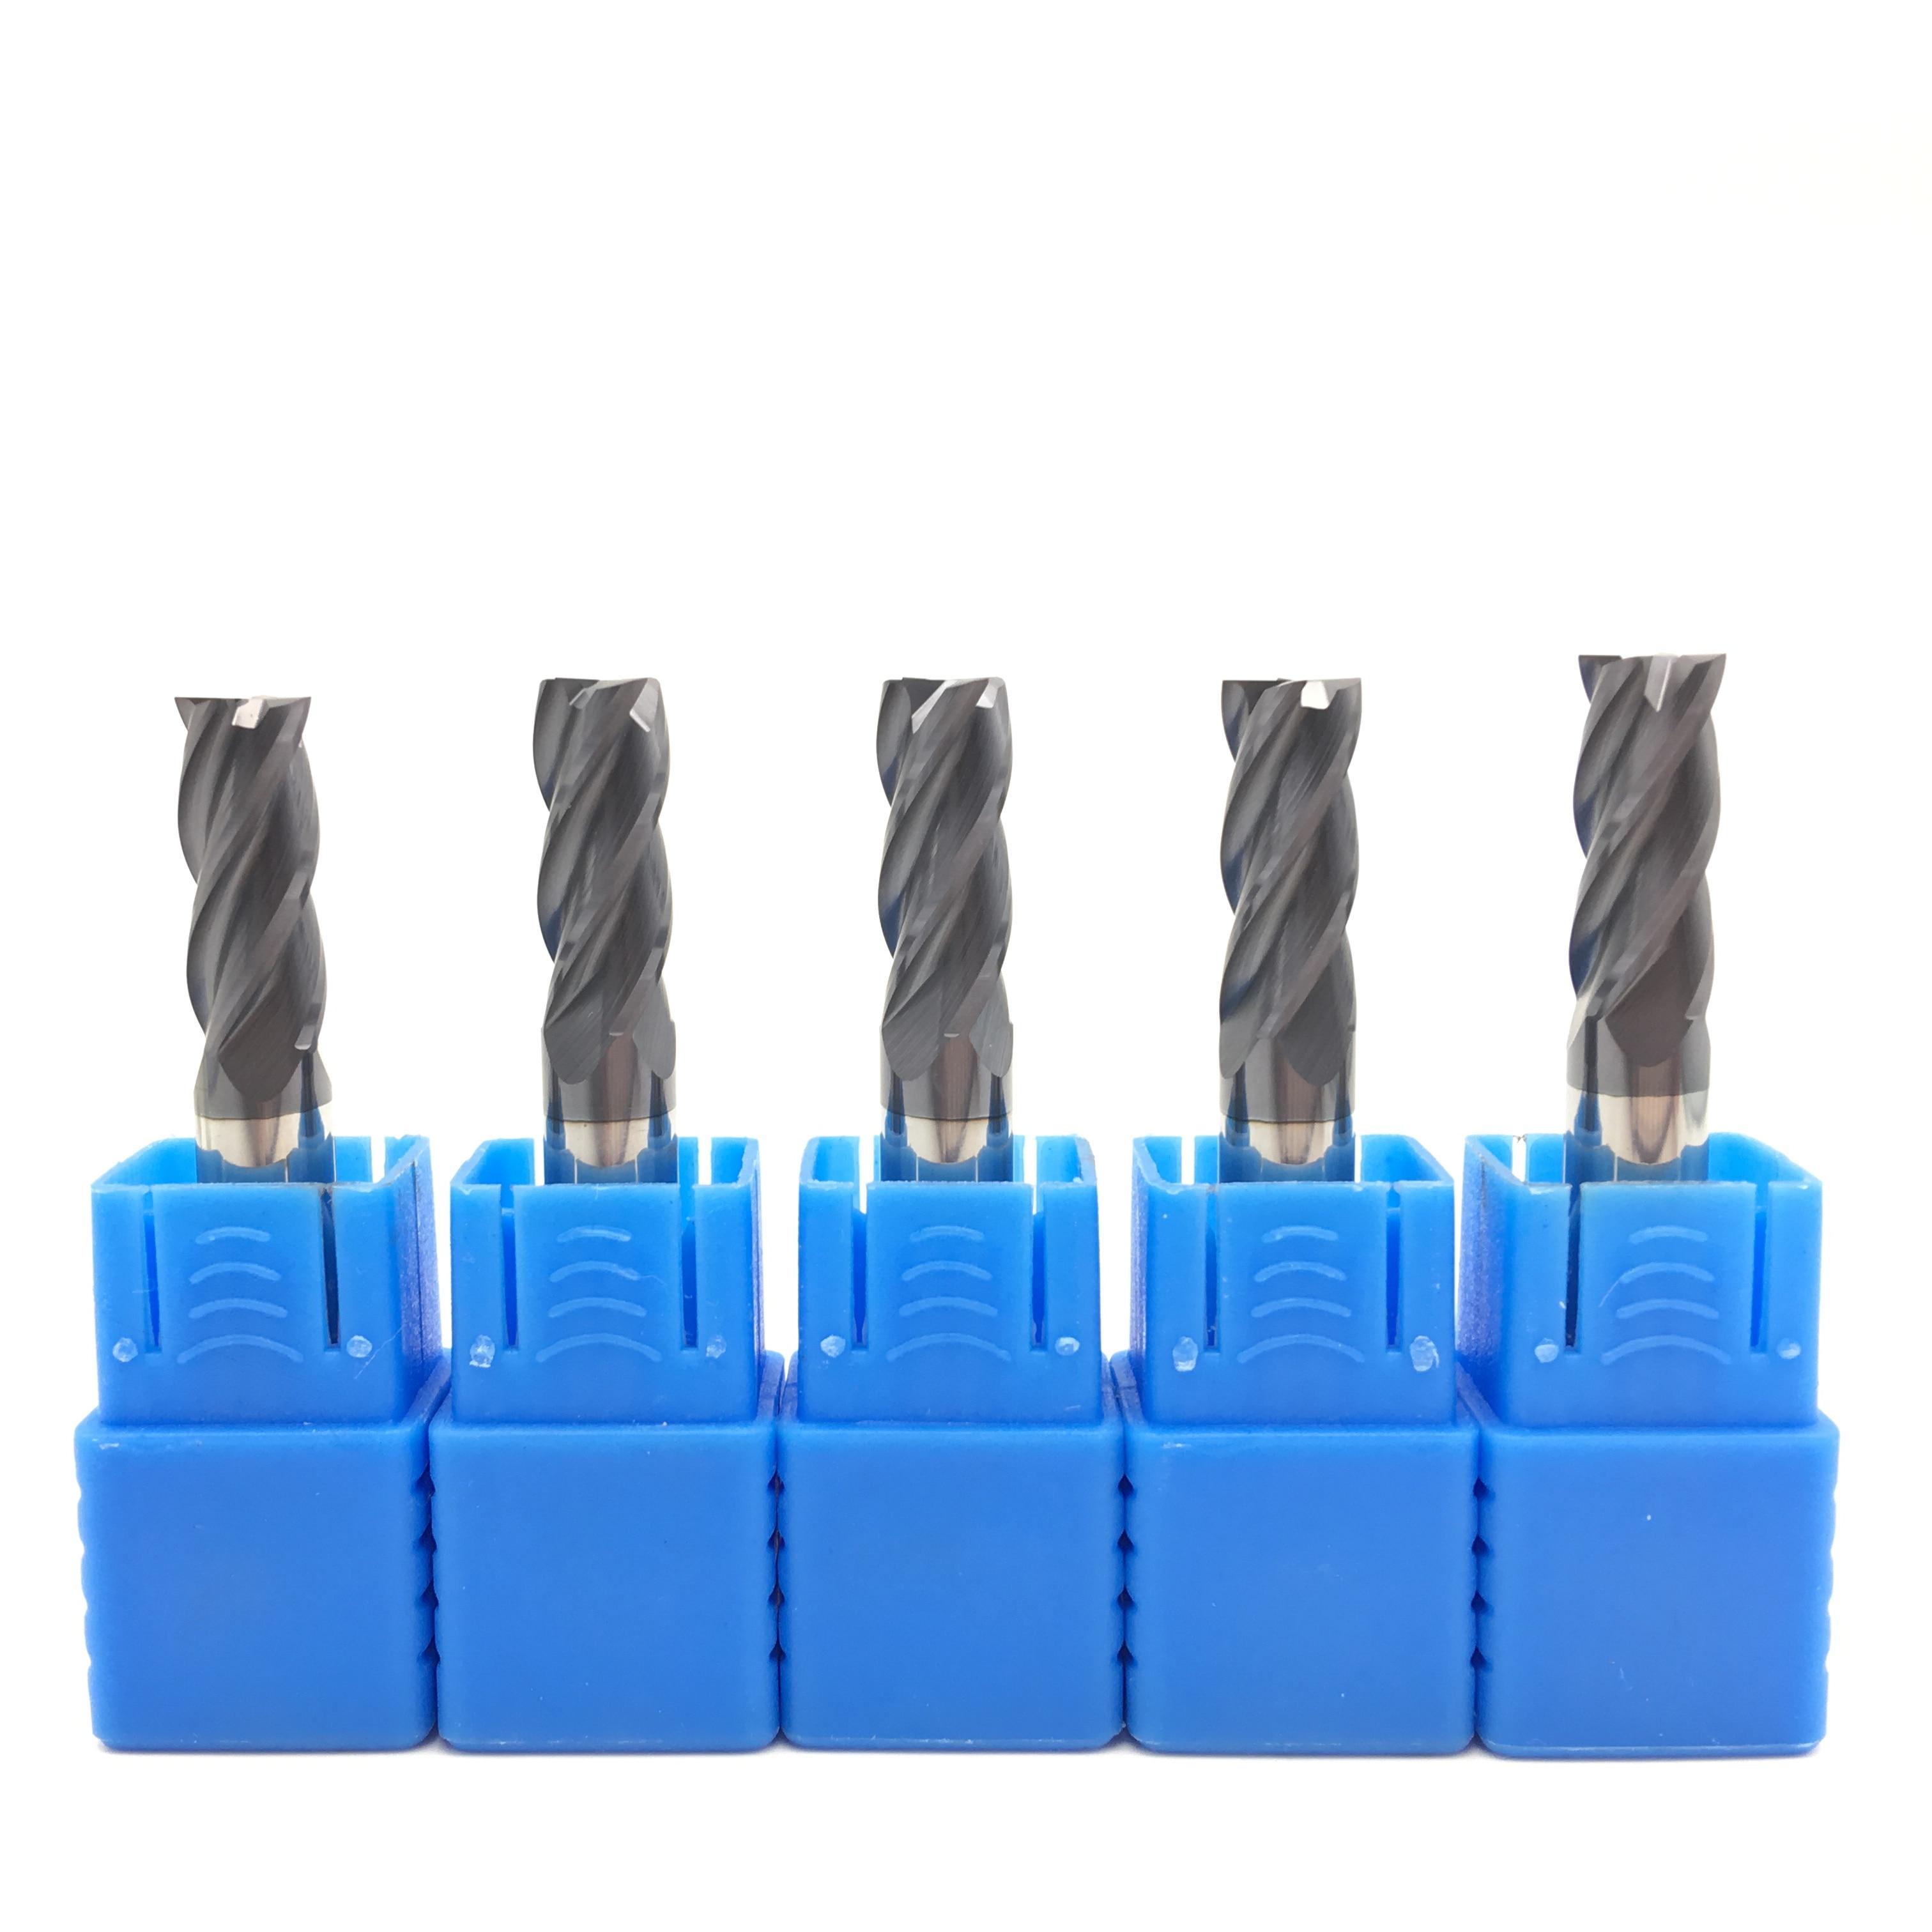 18mm fresas de extremidade do carboneto hrc50